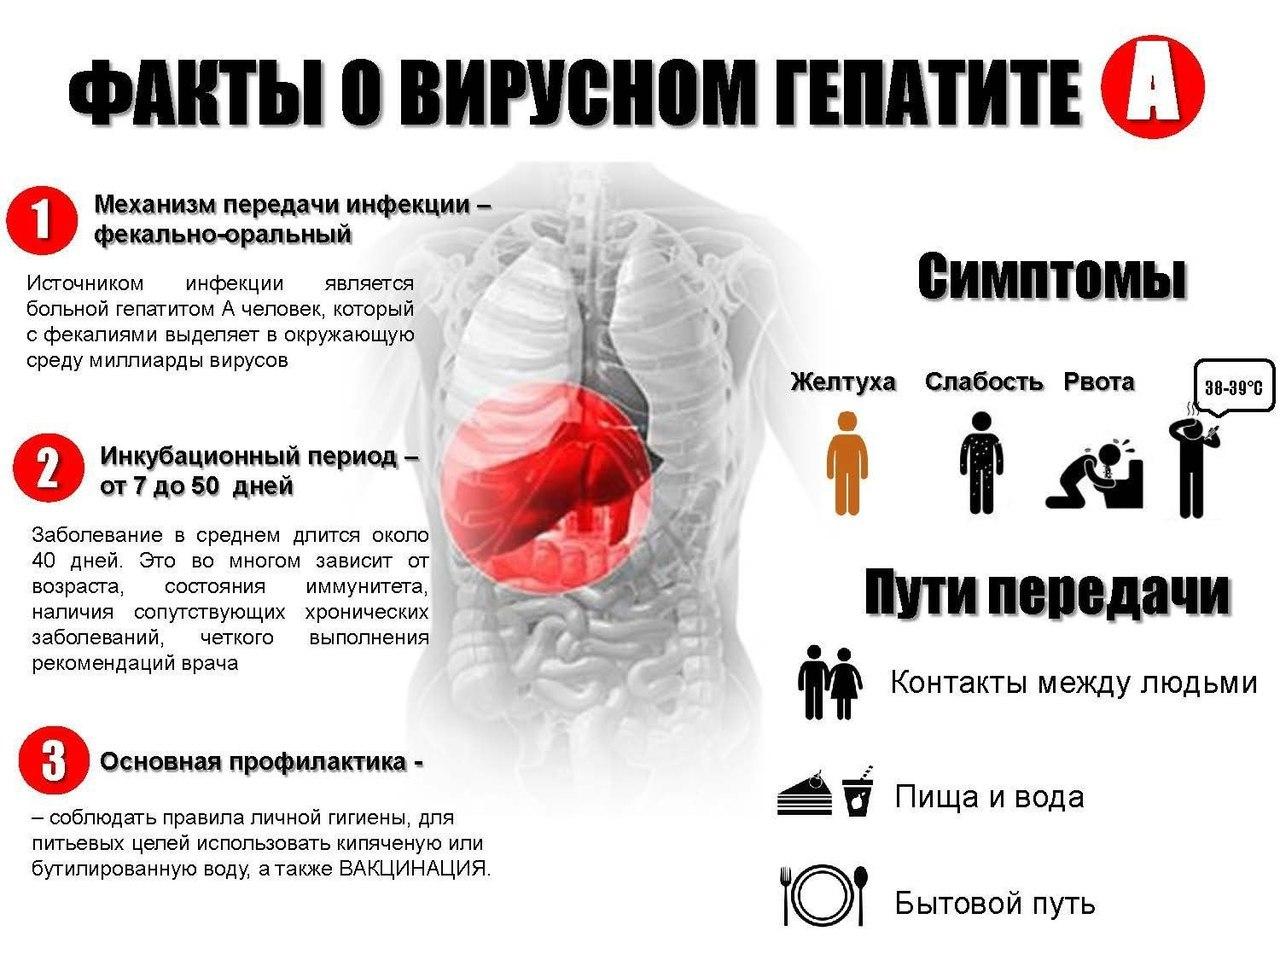 В г.Волжске зарегистрирован случай вирусного гепатита